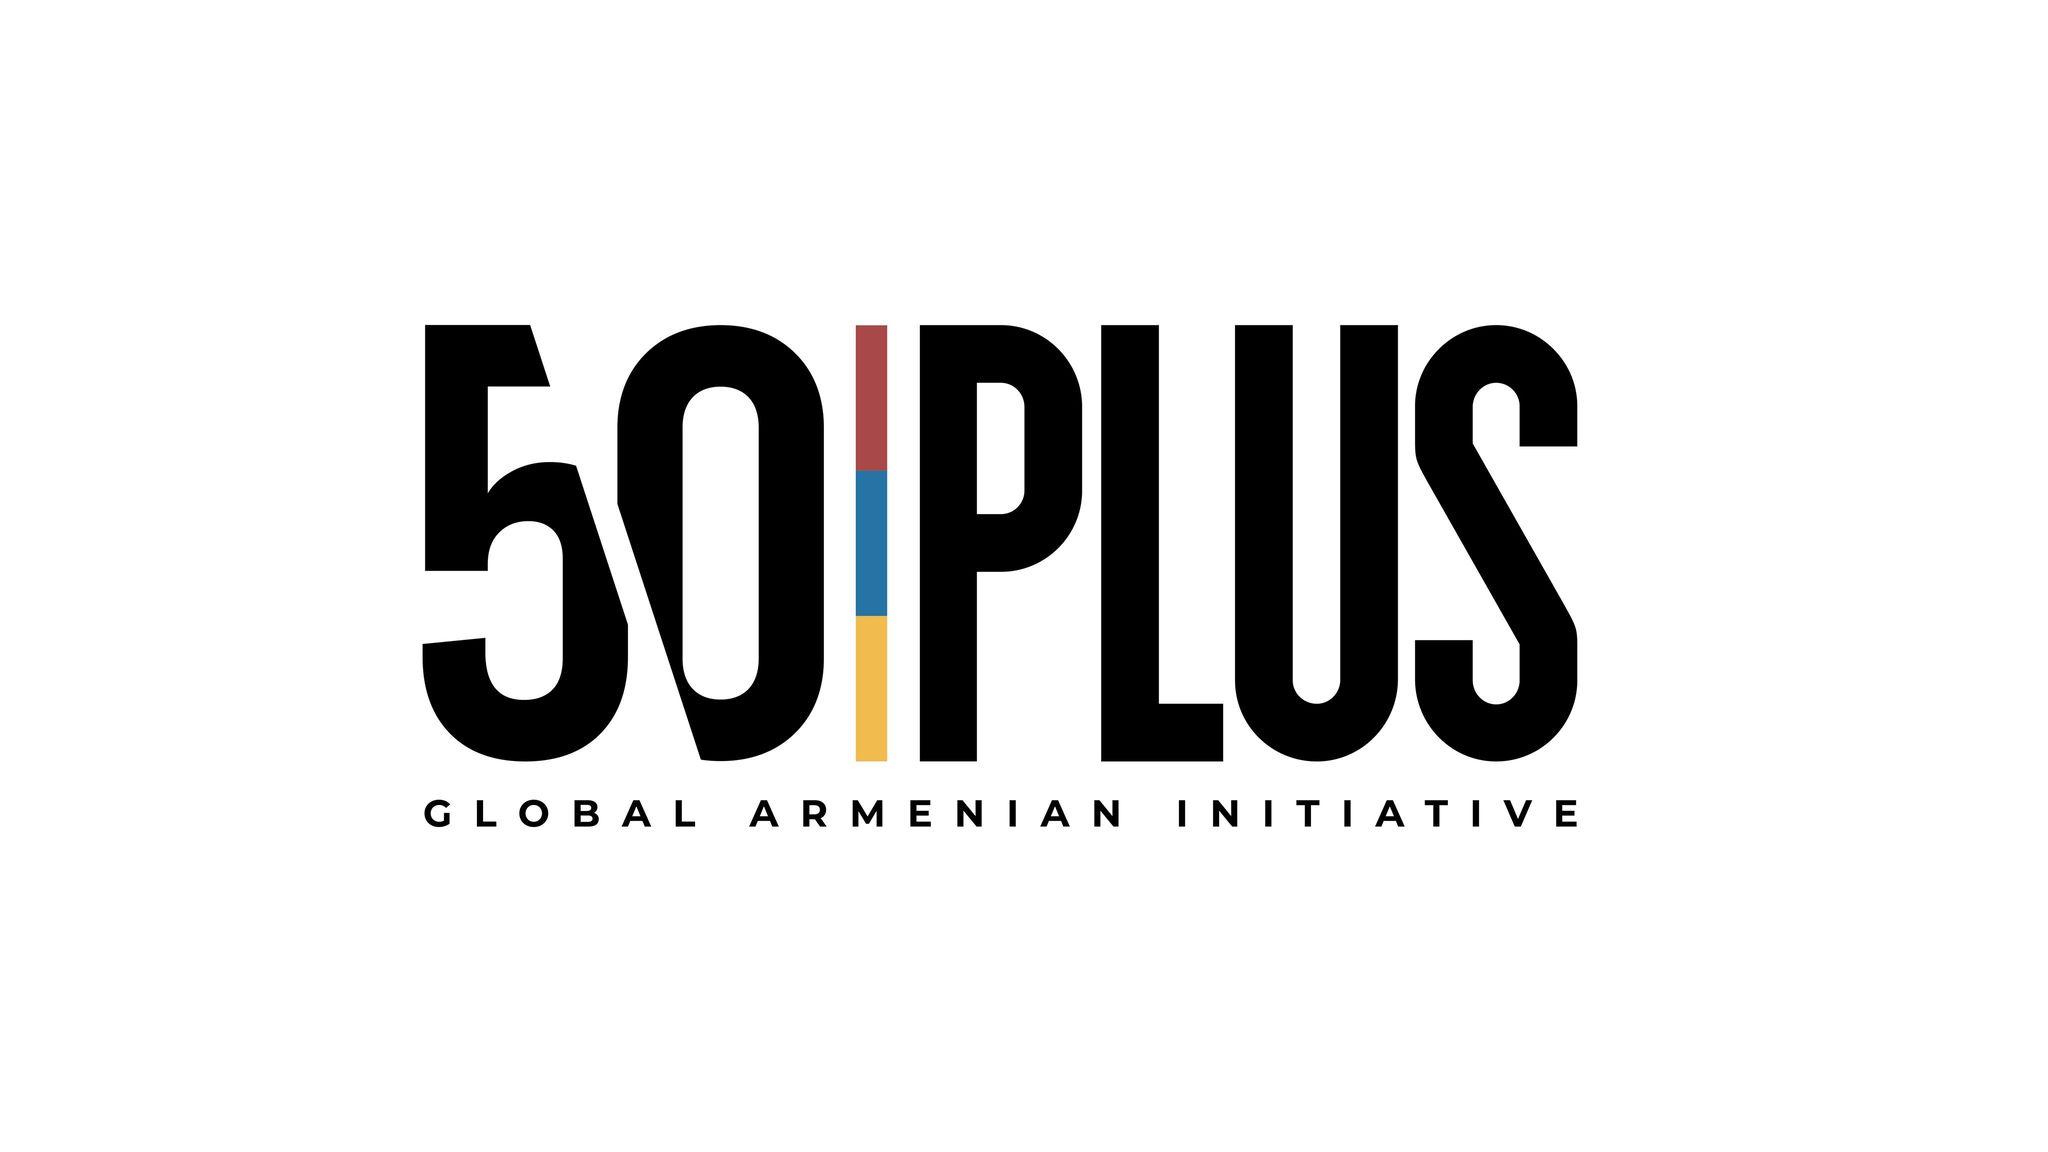 Photo of «50 PLUS». Սփյուռքի տարբեր համայնքներում սկիզբ առած նախաձեռնությունը նոր թափ է հաղորդում Համահայկական շարժմանը